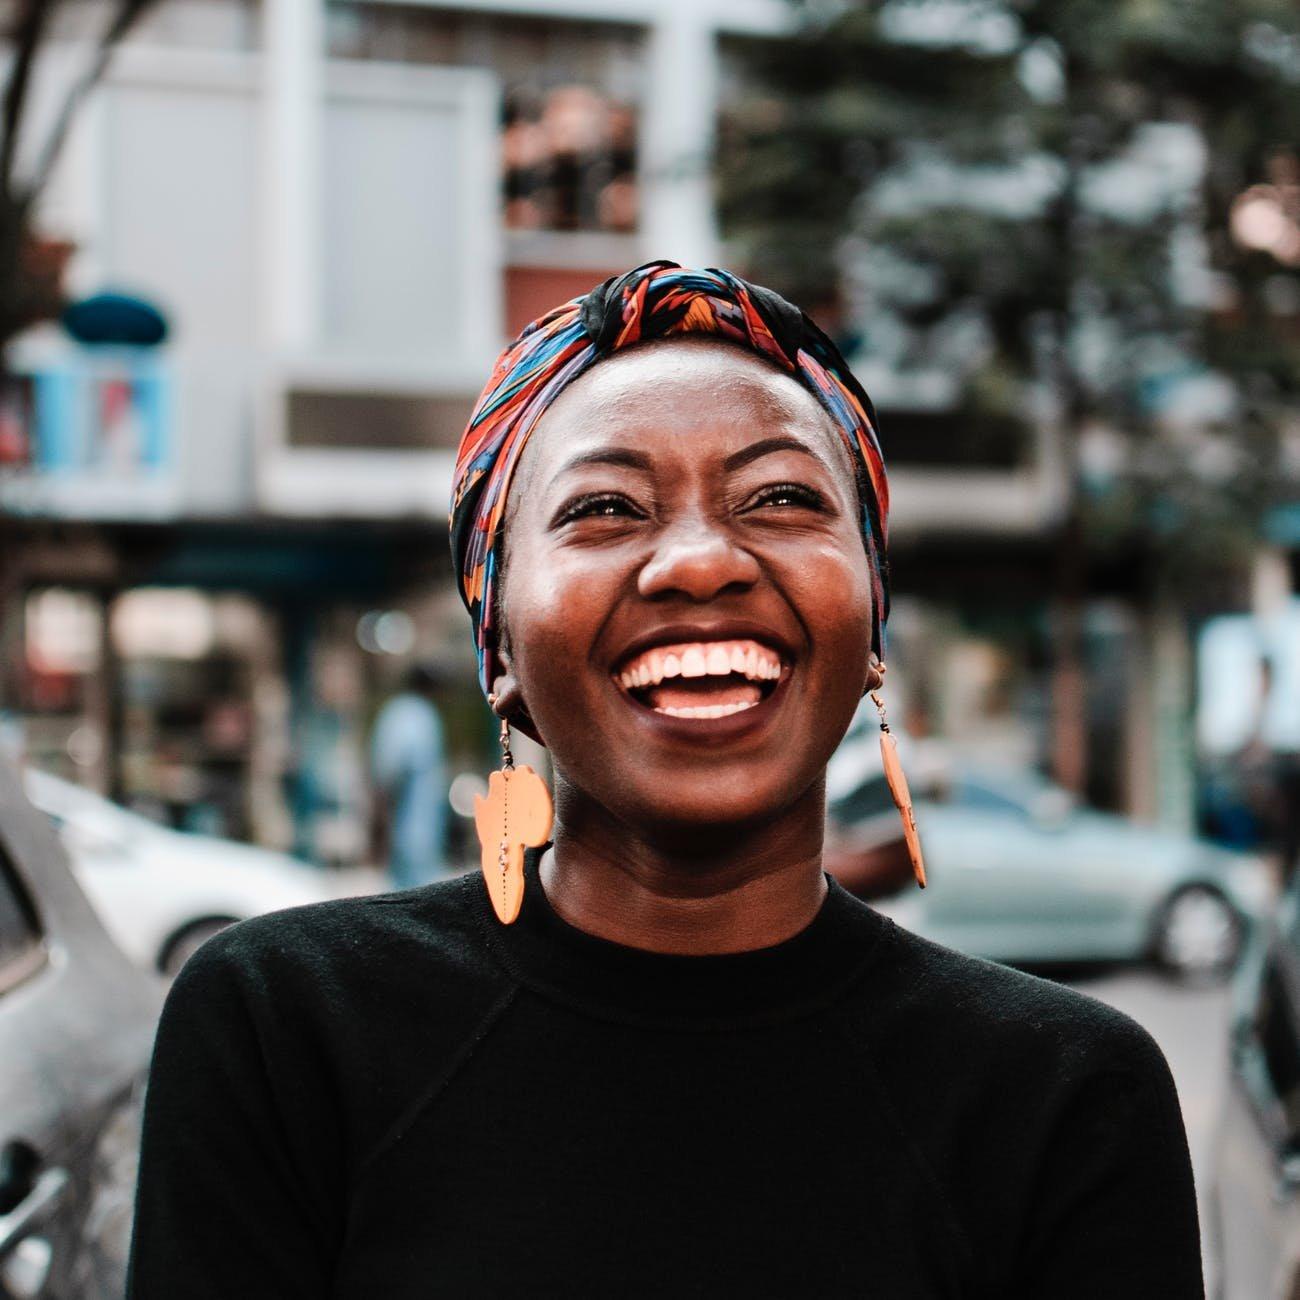 Mulher sorrindo na rua